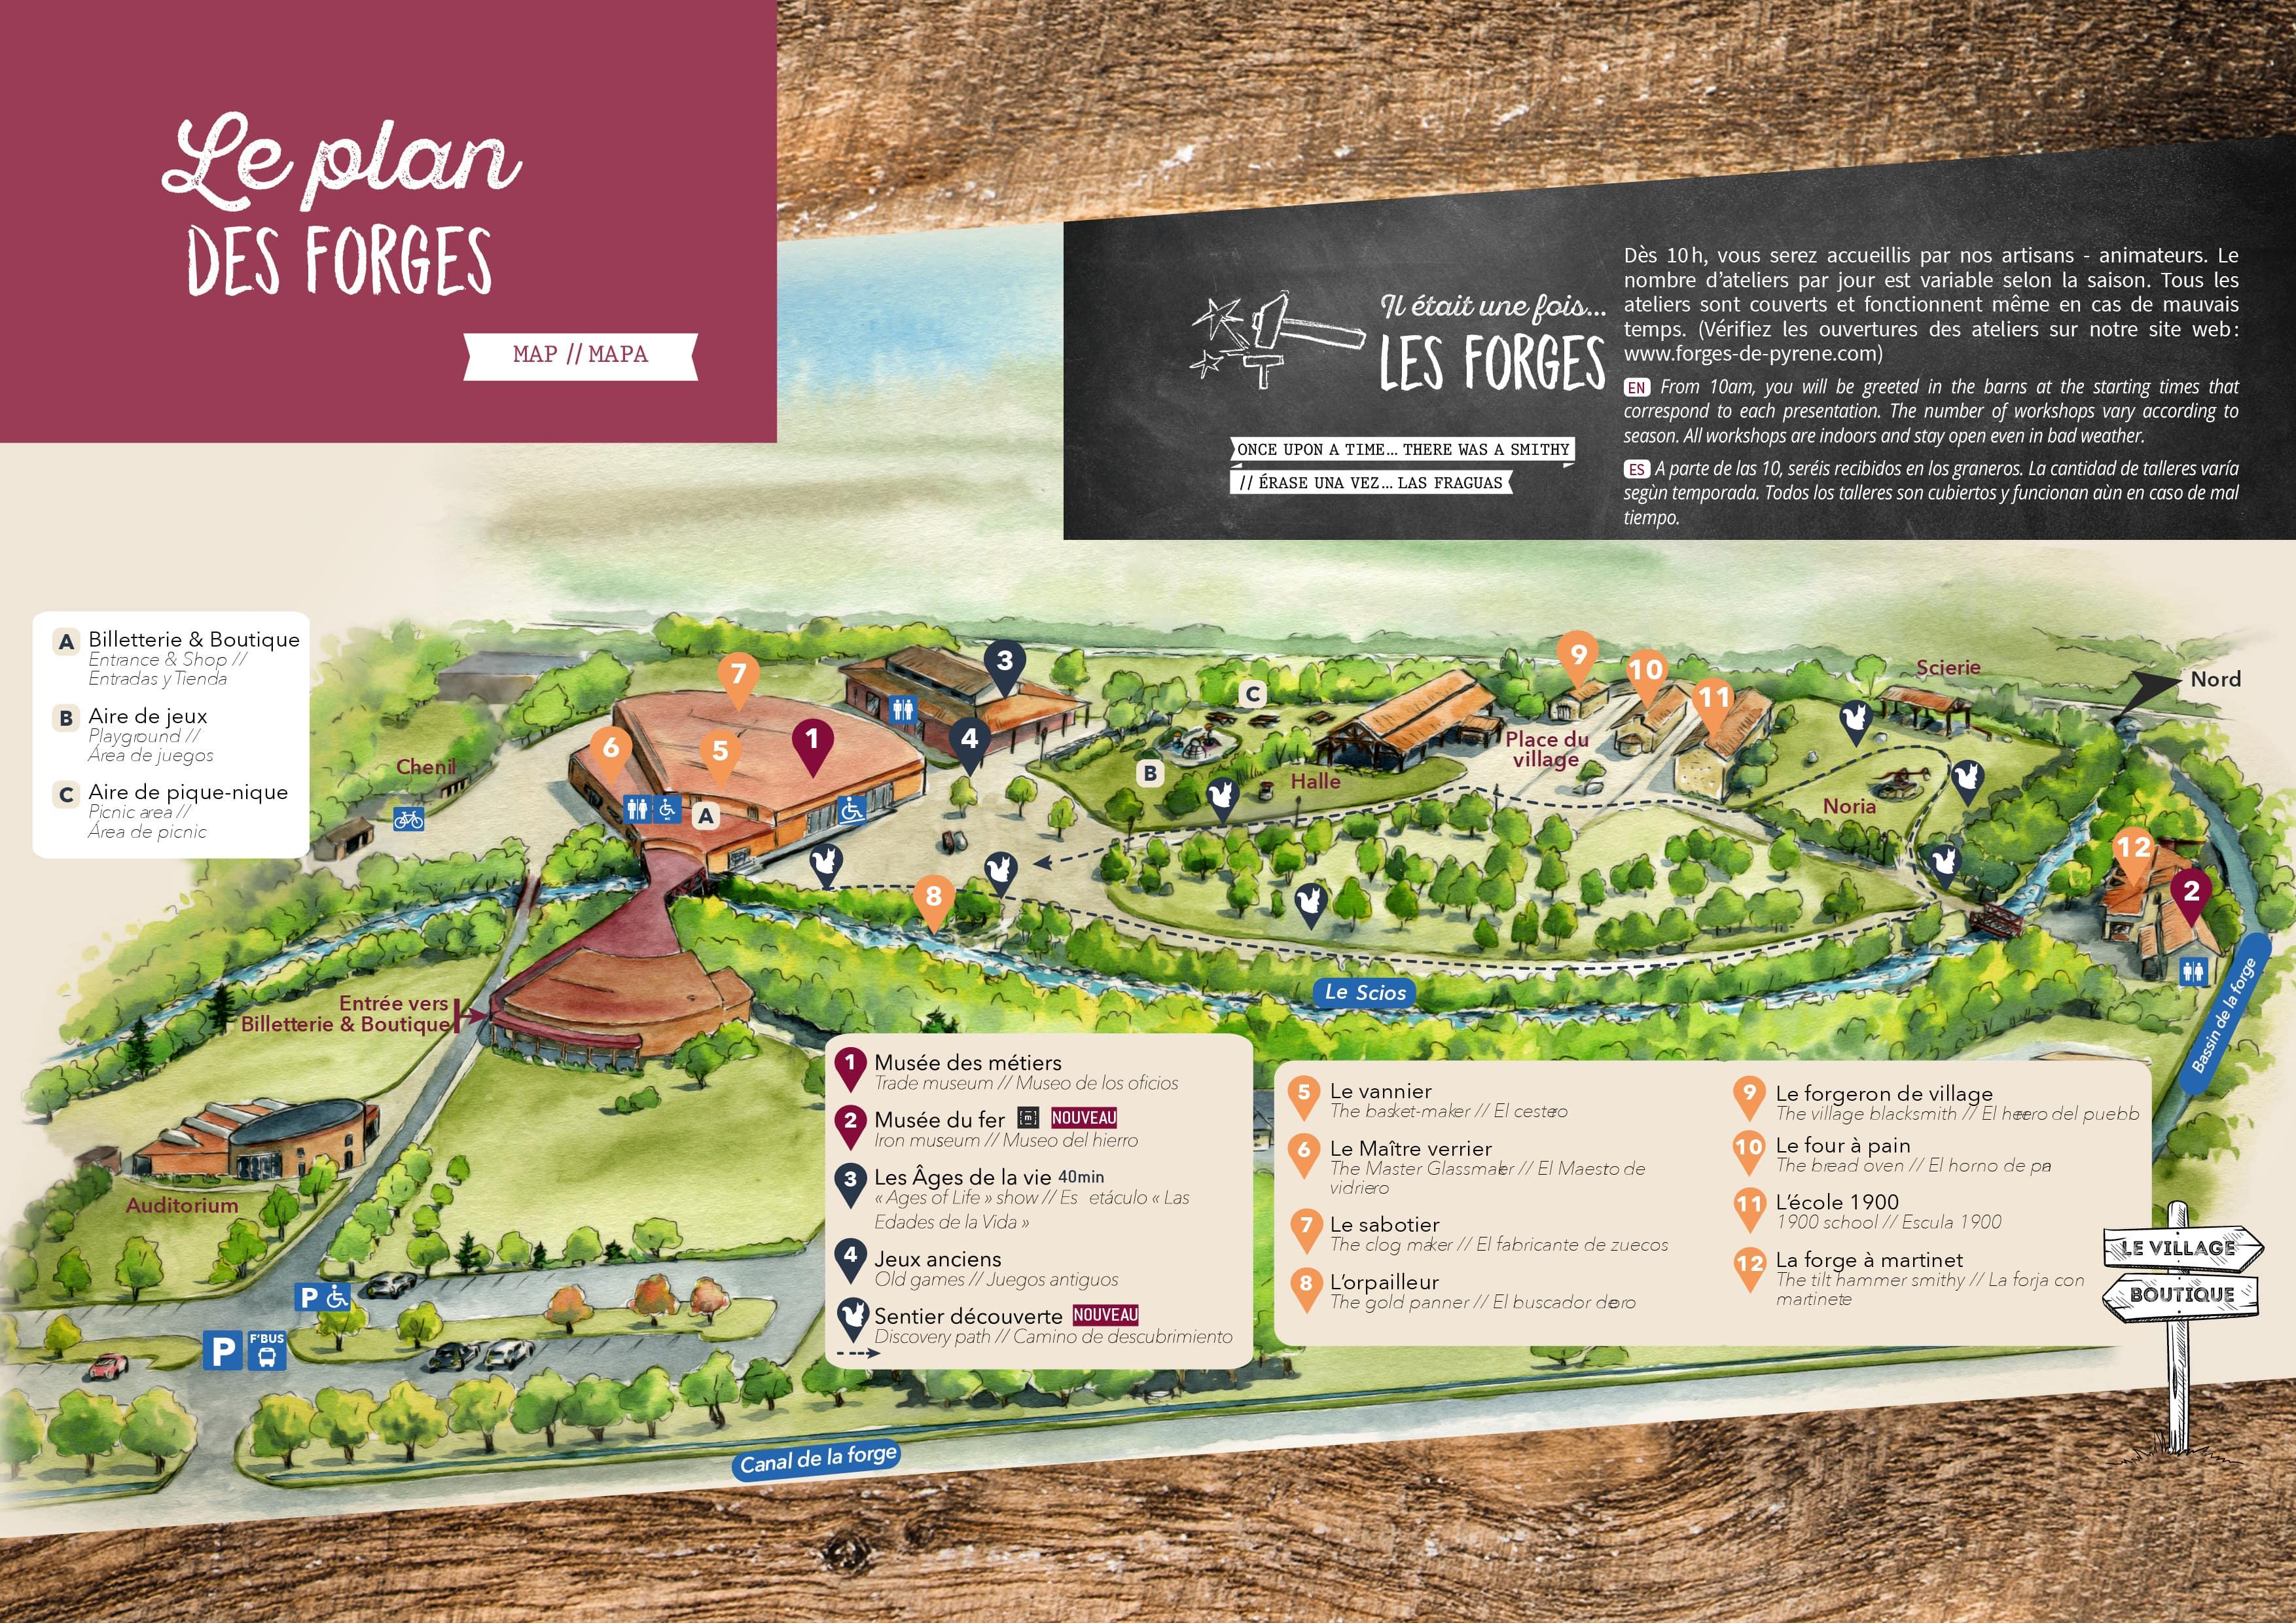 Plan des Forges de Pyrène, Parc de loisirs d'antan Ariège